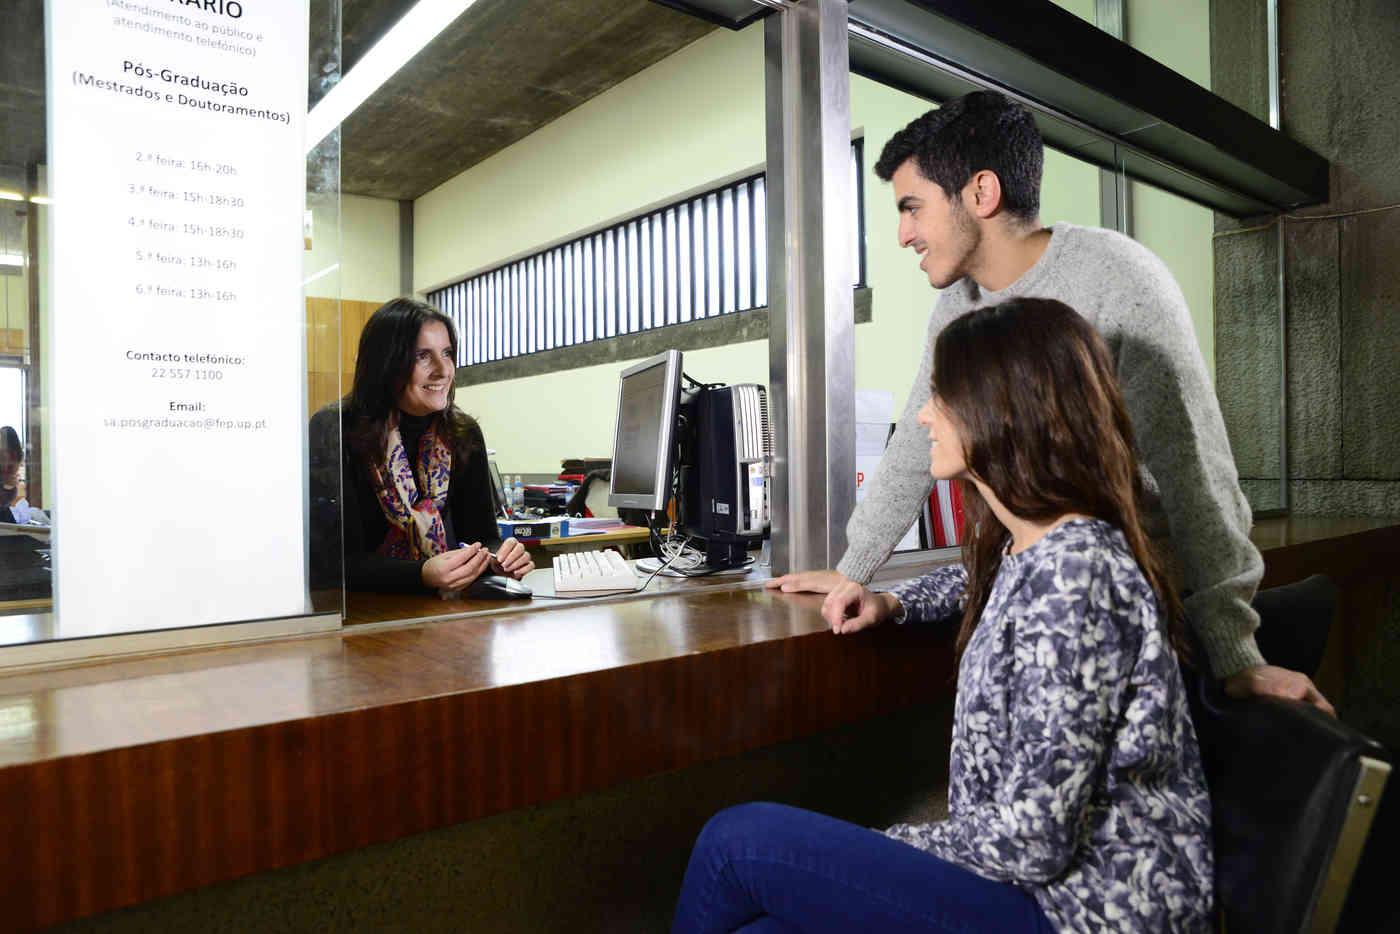 Prossiga os estudos na Universidade do Porto